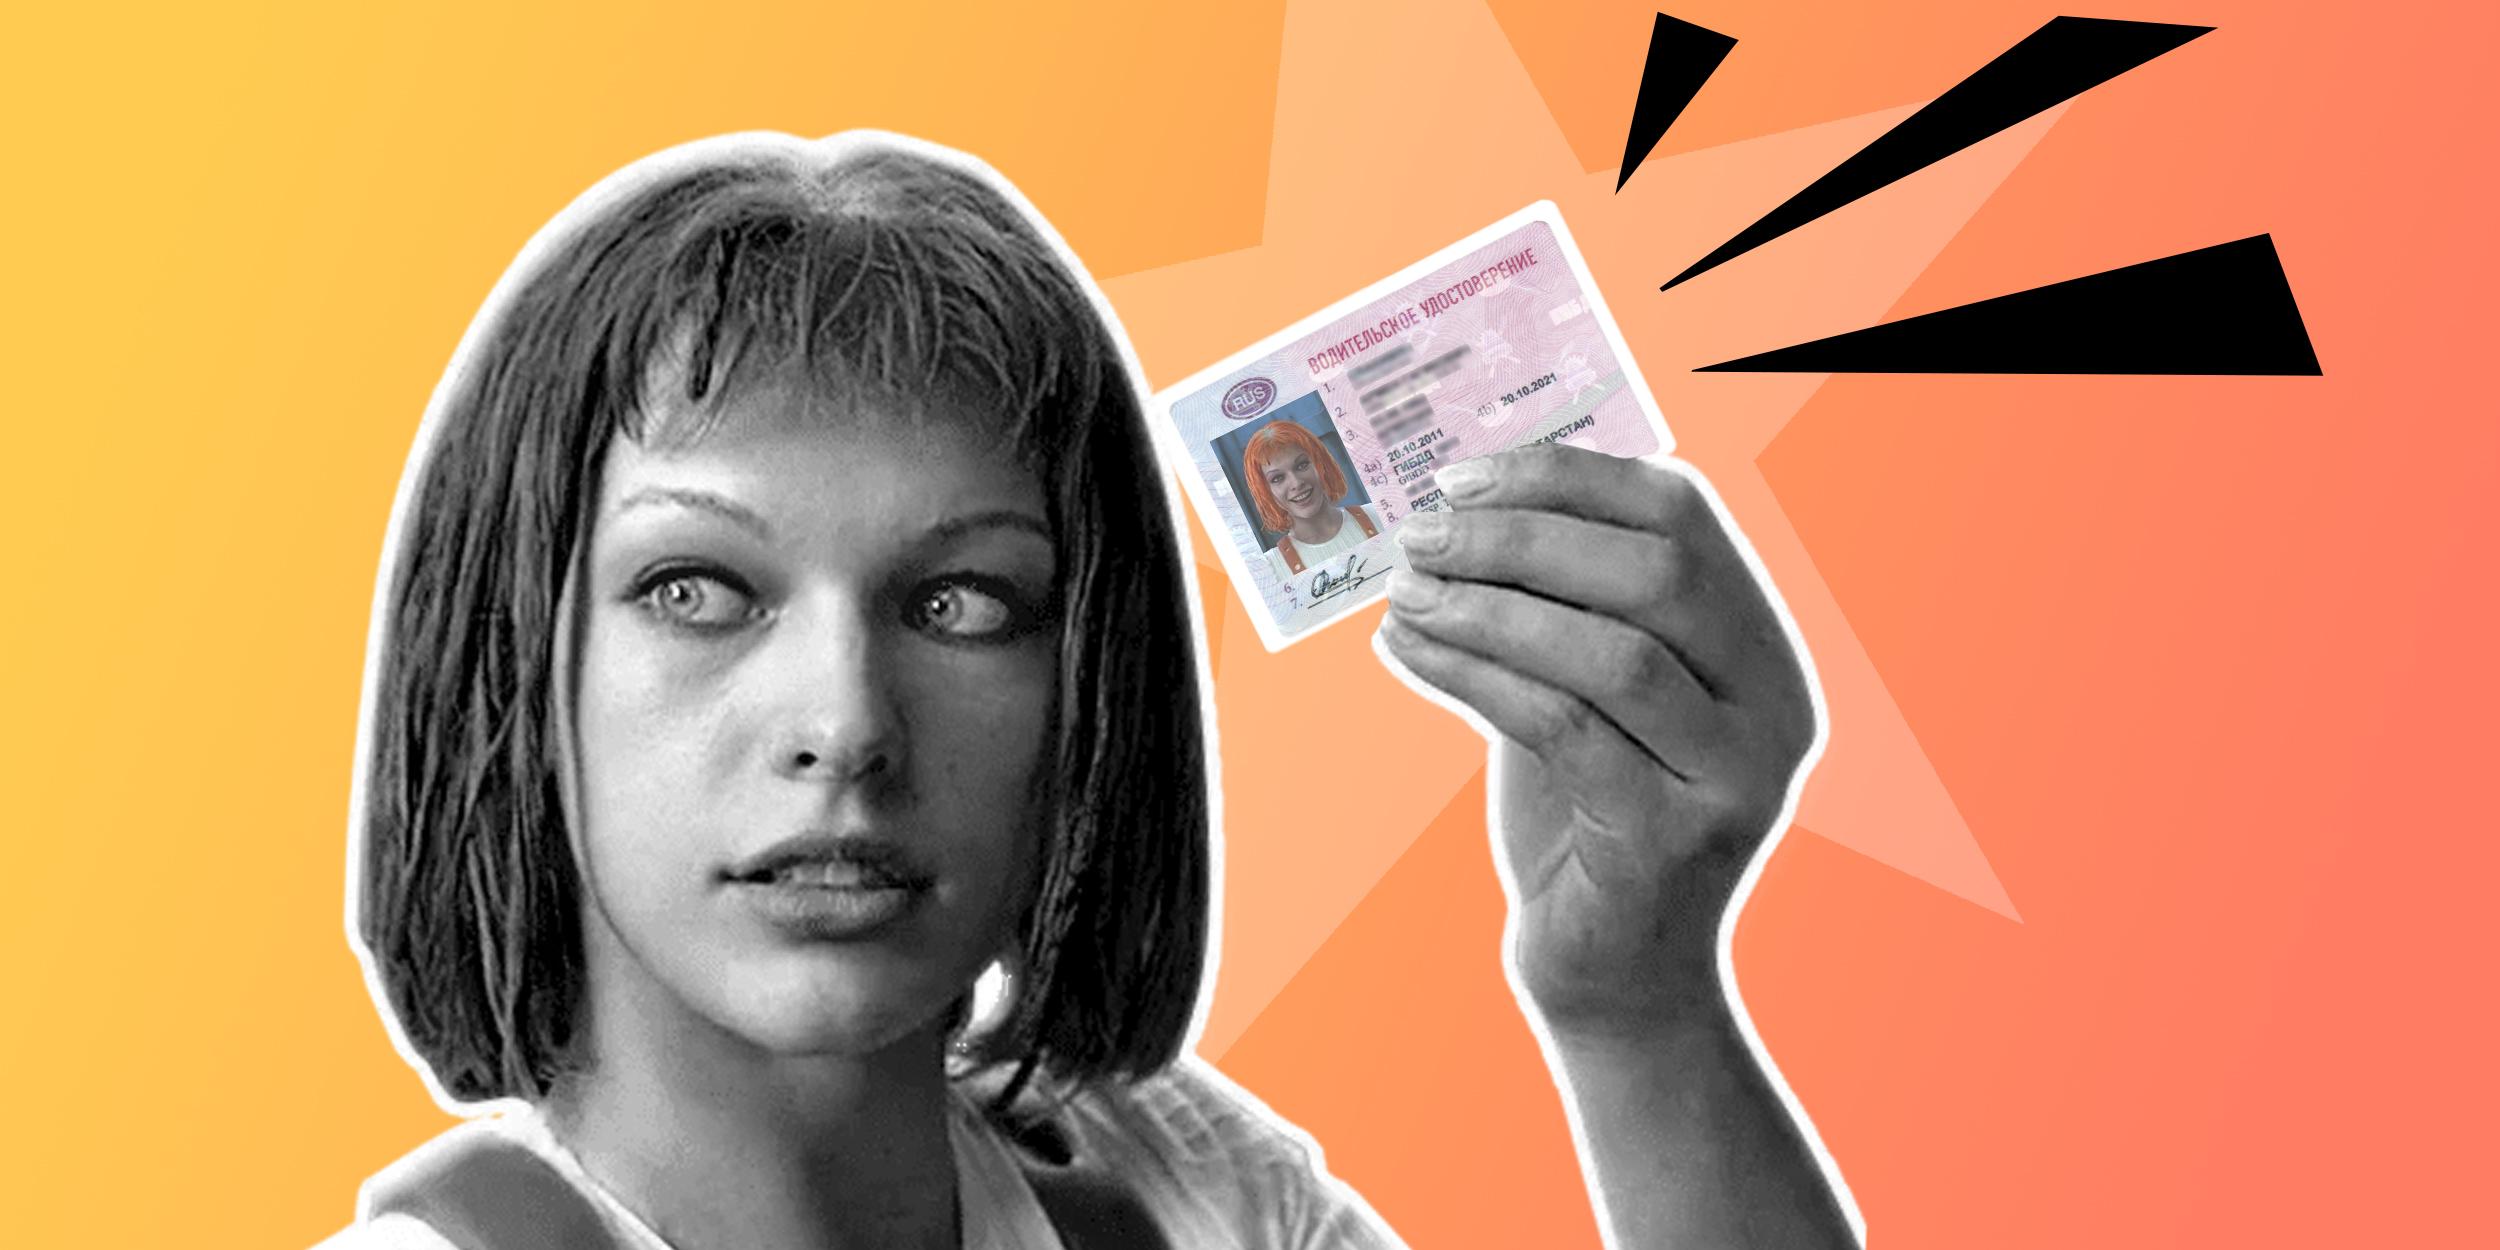 Можно ли по водительскому удостоверению купить сигареты дым сигарет с ментолом слушать песню онлайн бесплатно